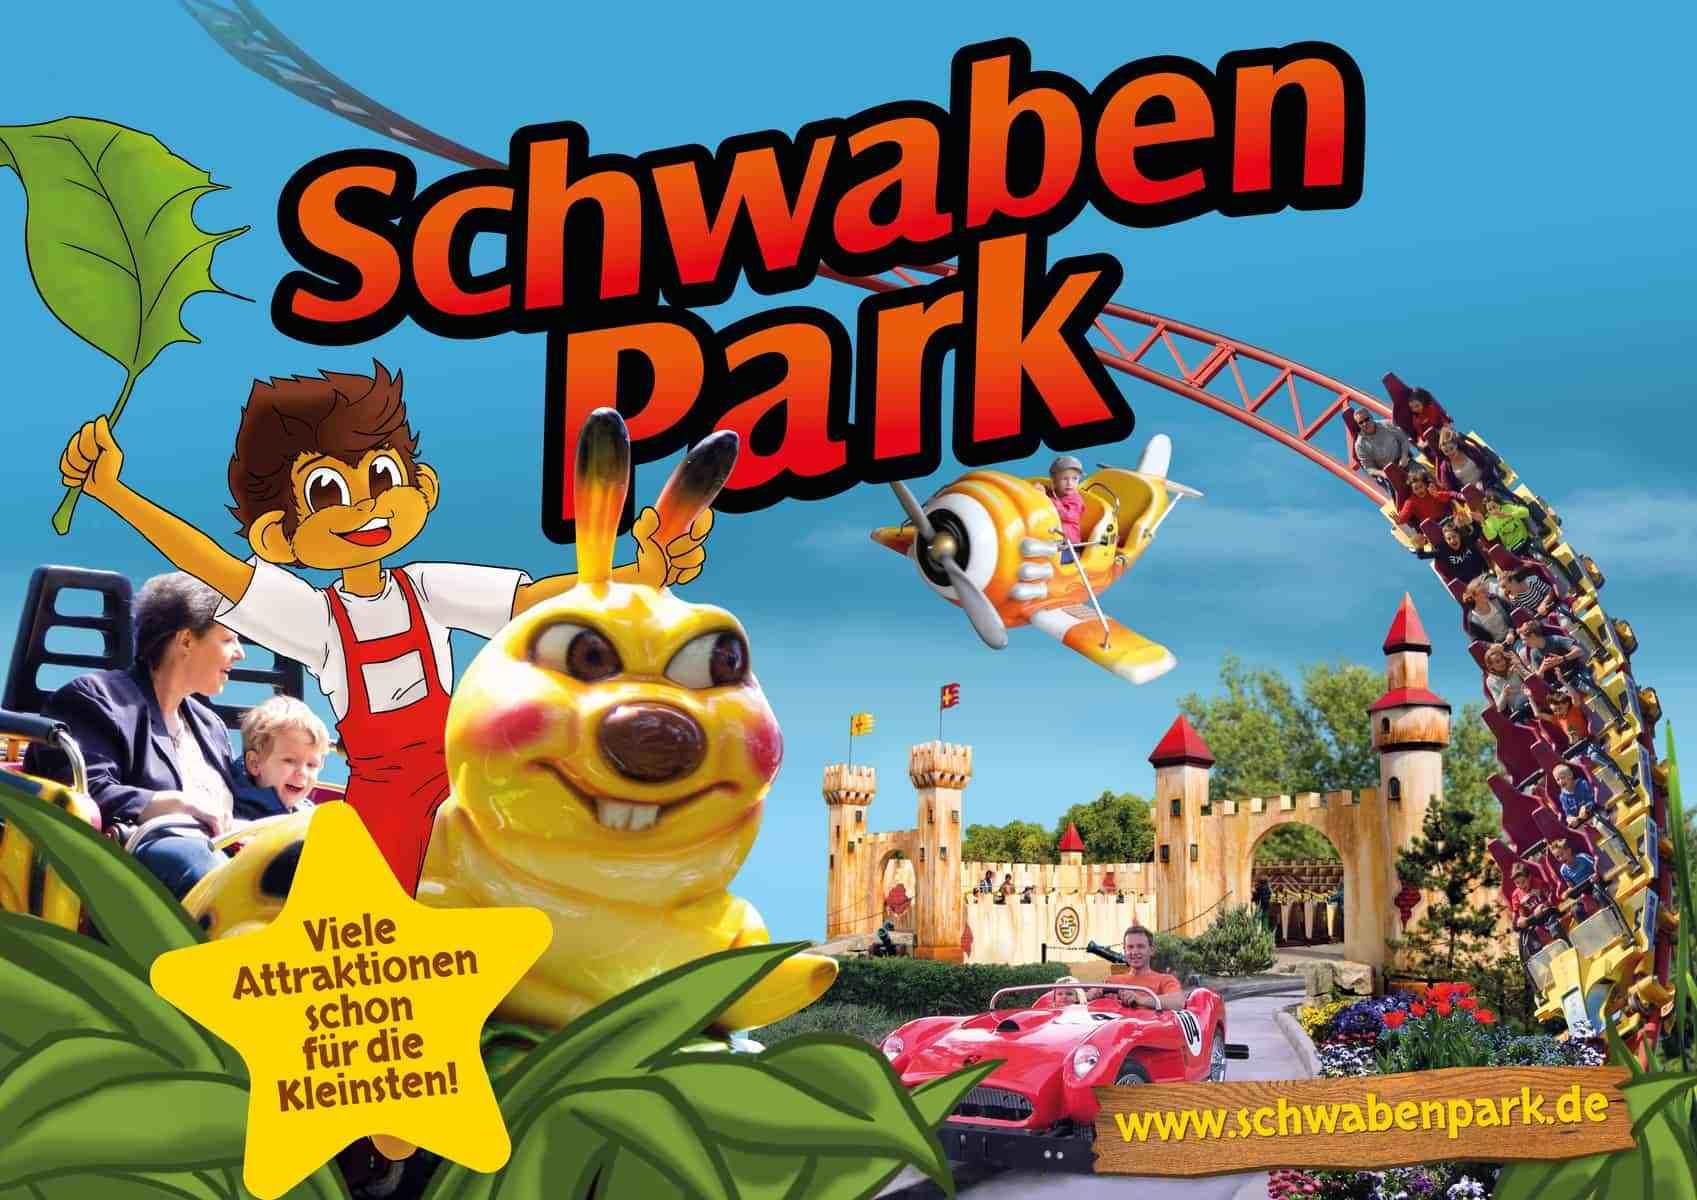 1 Ticket für den Schwaben Park inkl. aller Attraktionen, Shows und Events (Kaisersbach)